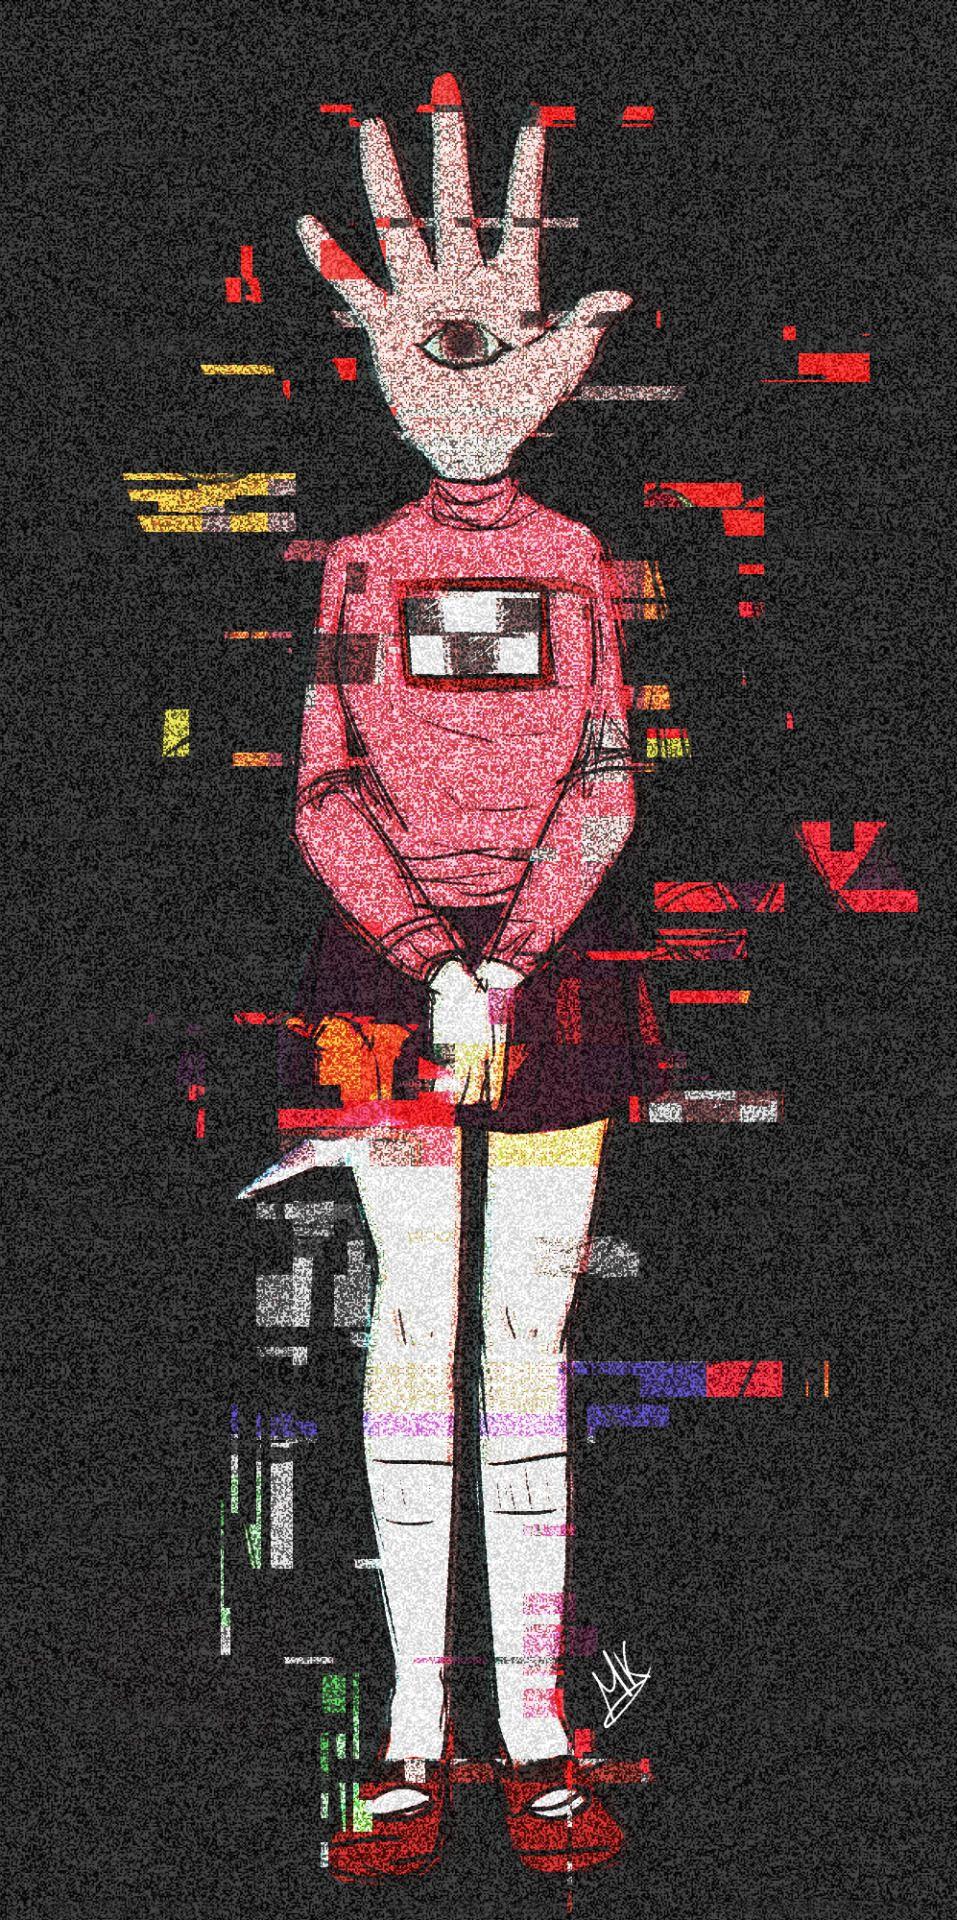 Pin by Flyo 1330 on Yume Nikki | Rpg horror games, Rpg maker